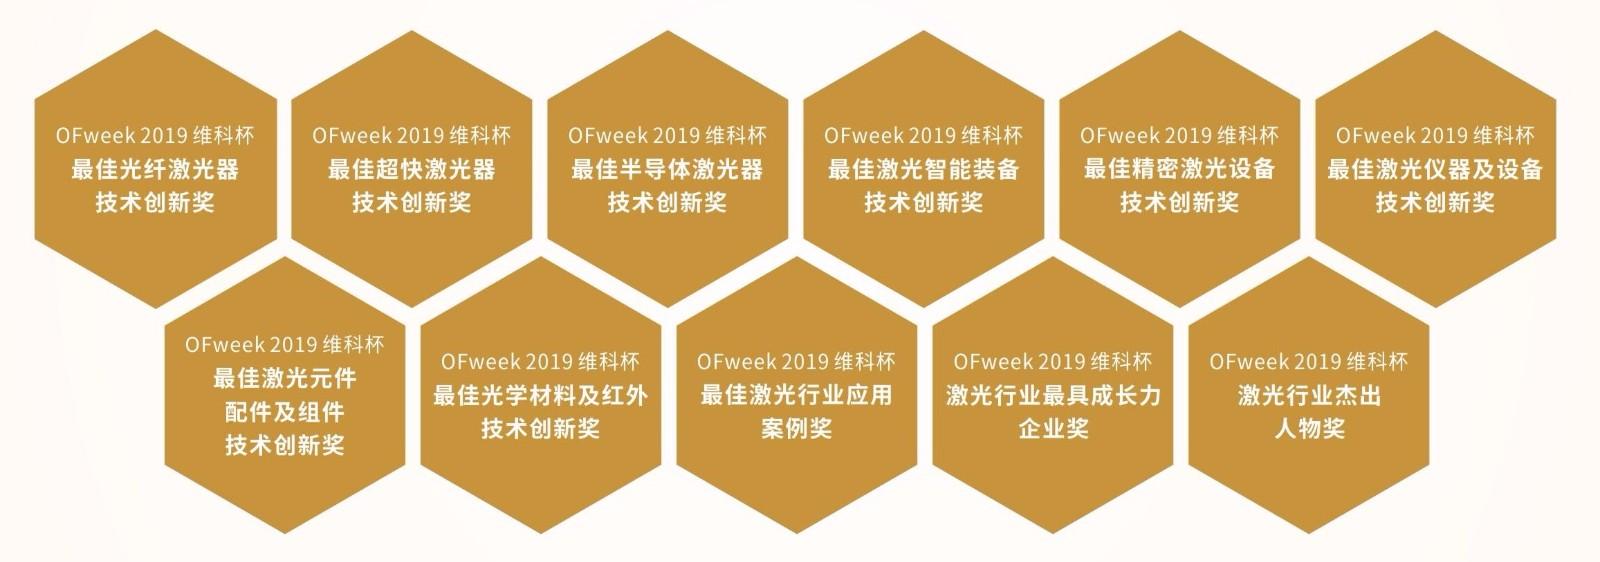 重磅!维科杯·OFweek 2019激光行业年度评选强势来袭,不容错过!